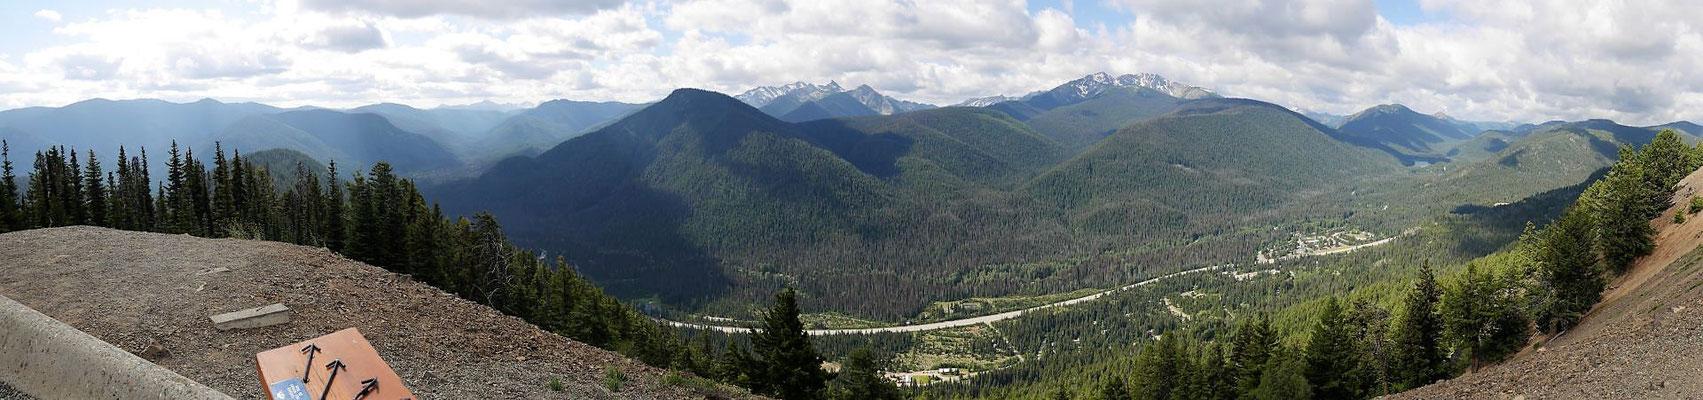 Aussicht in die Cascade Range